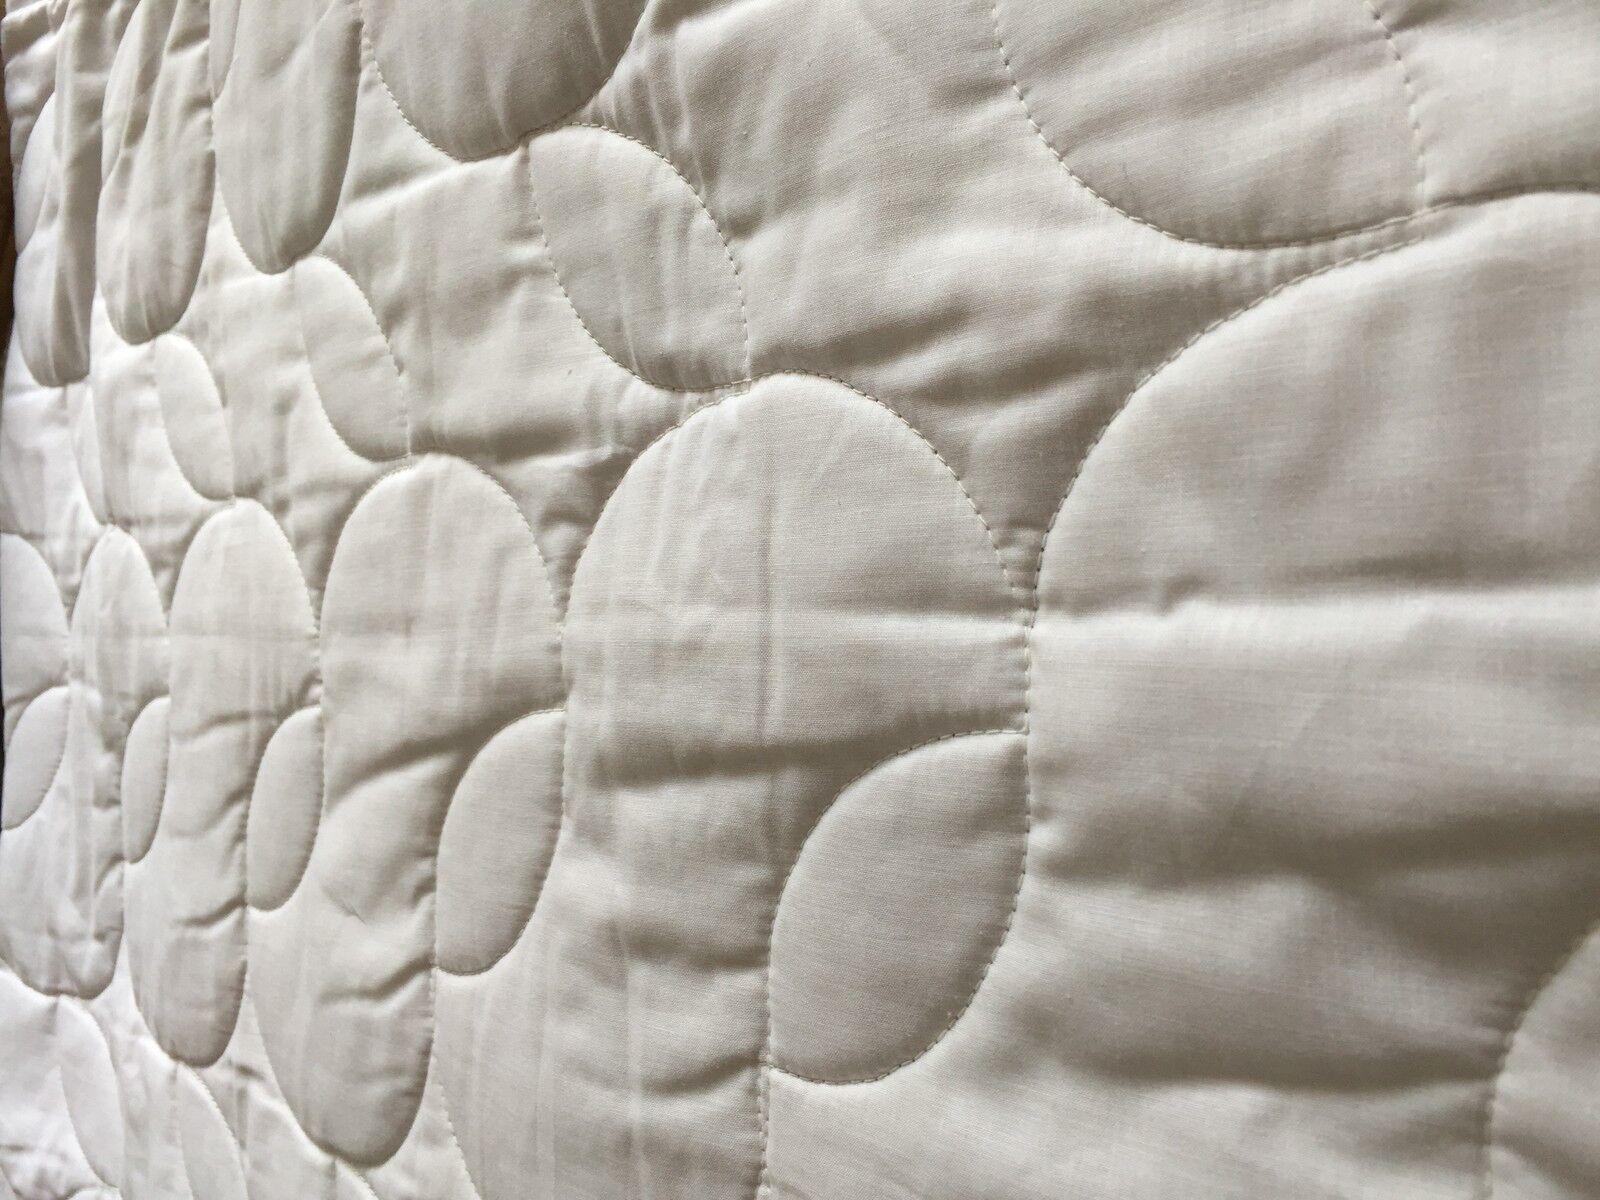 Letto Superiore Trapuntato Mit 100% Imbottitura Cotone 200x220 cm,Prodotto in